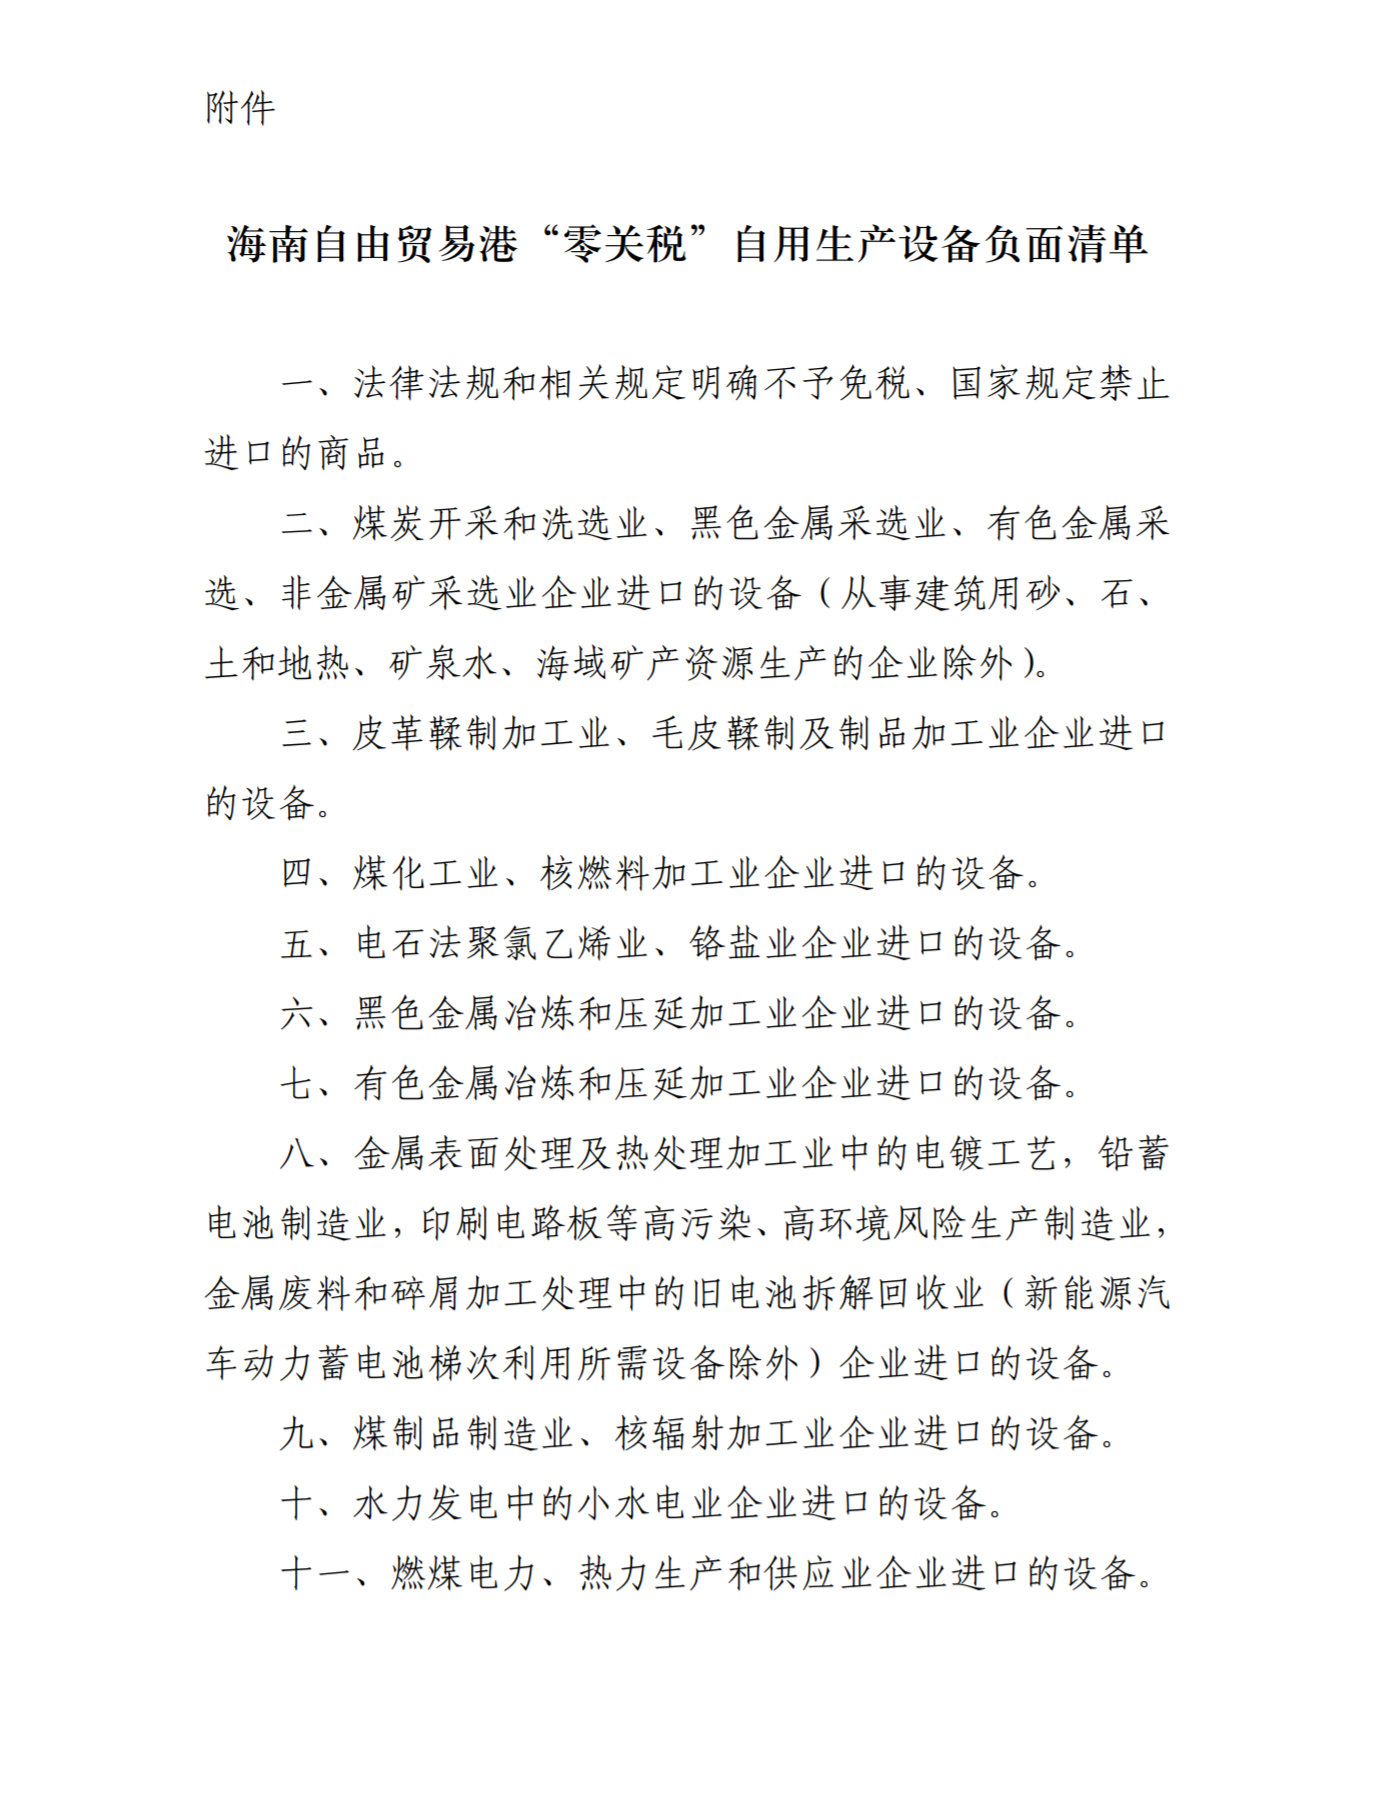 """《【华宇娱乐注册官网】海南自贸港进口自用生产设备""""零关税""""政策发布》"""